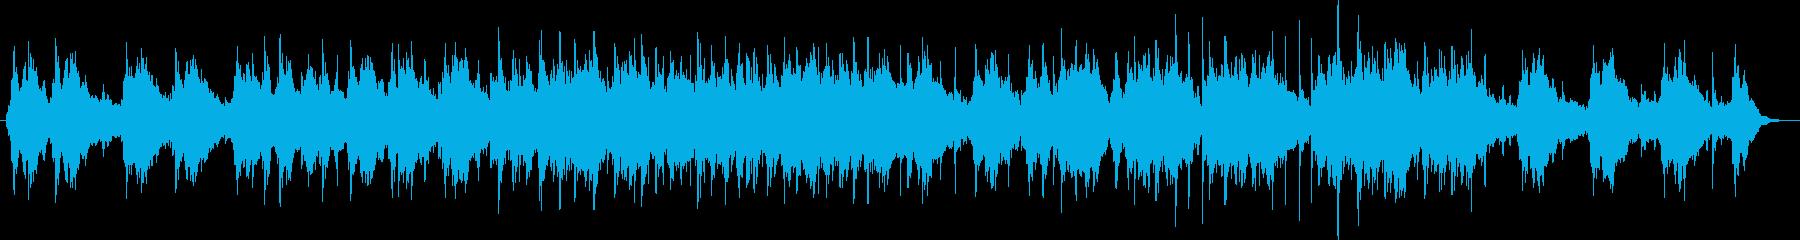 アンビエント効果音に最適です。の再生済みの波形